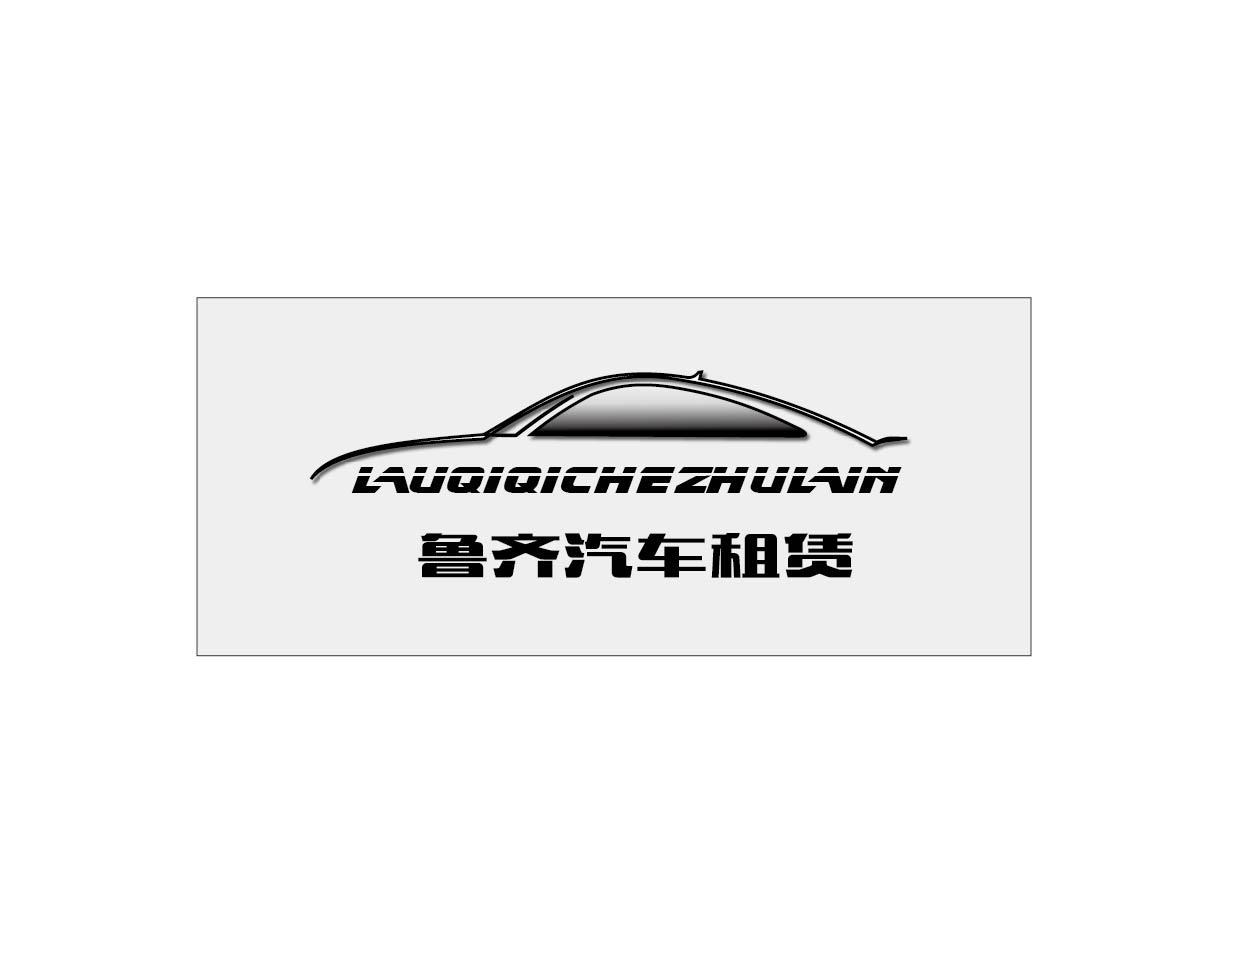 汽车租赁公司logo